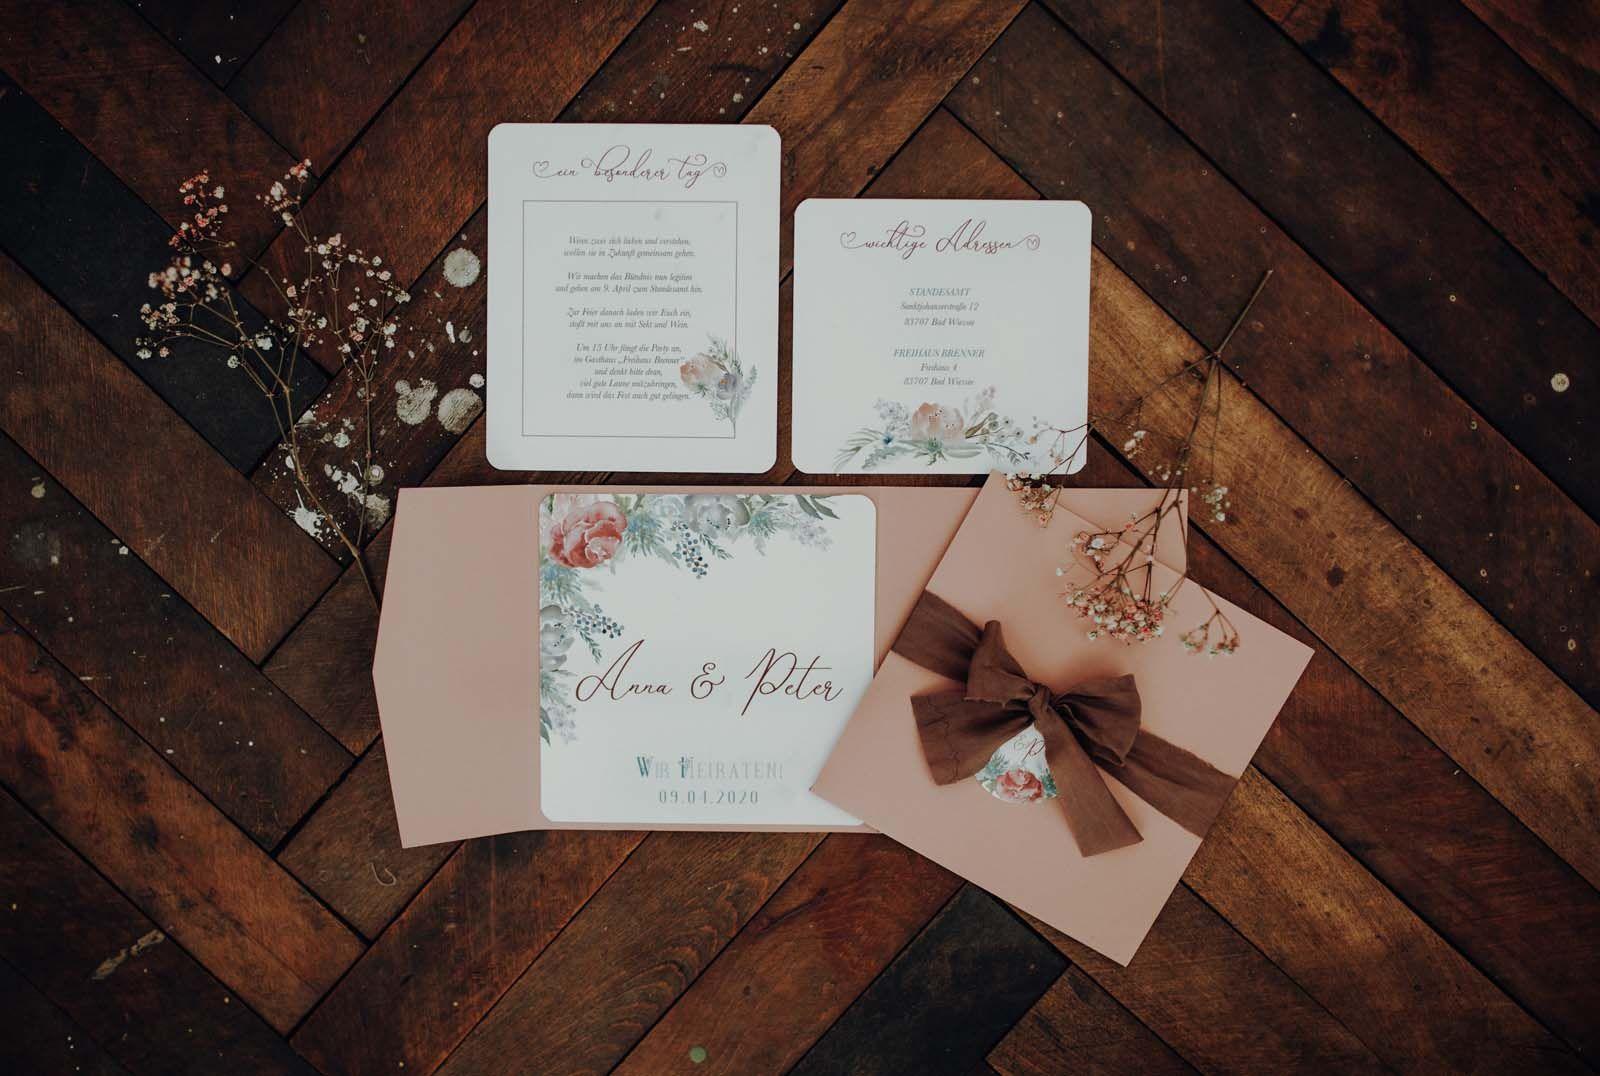 Berghochzeit Einladung Hochzeitseinladung Hochzeitskarten